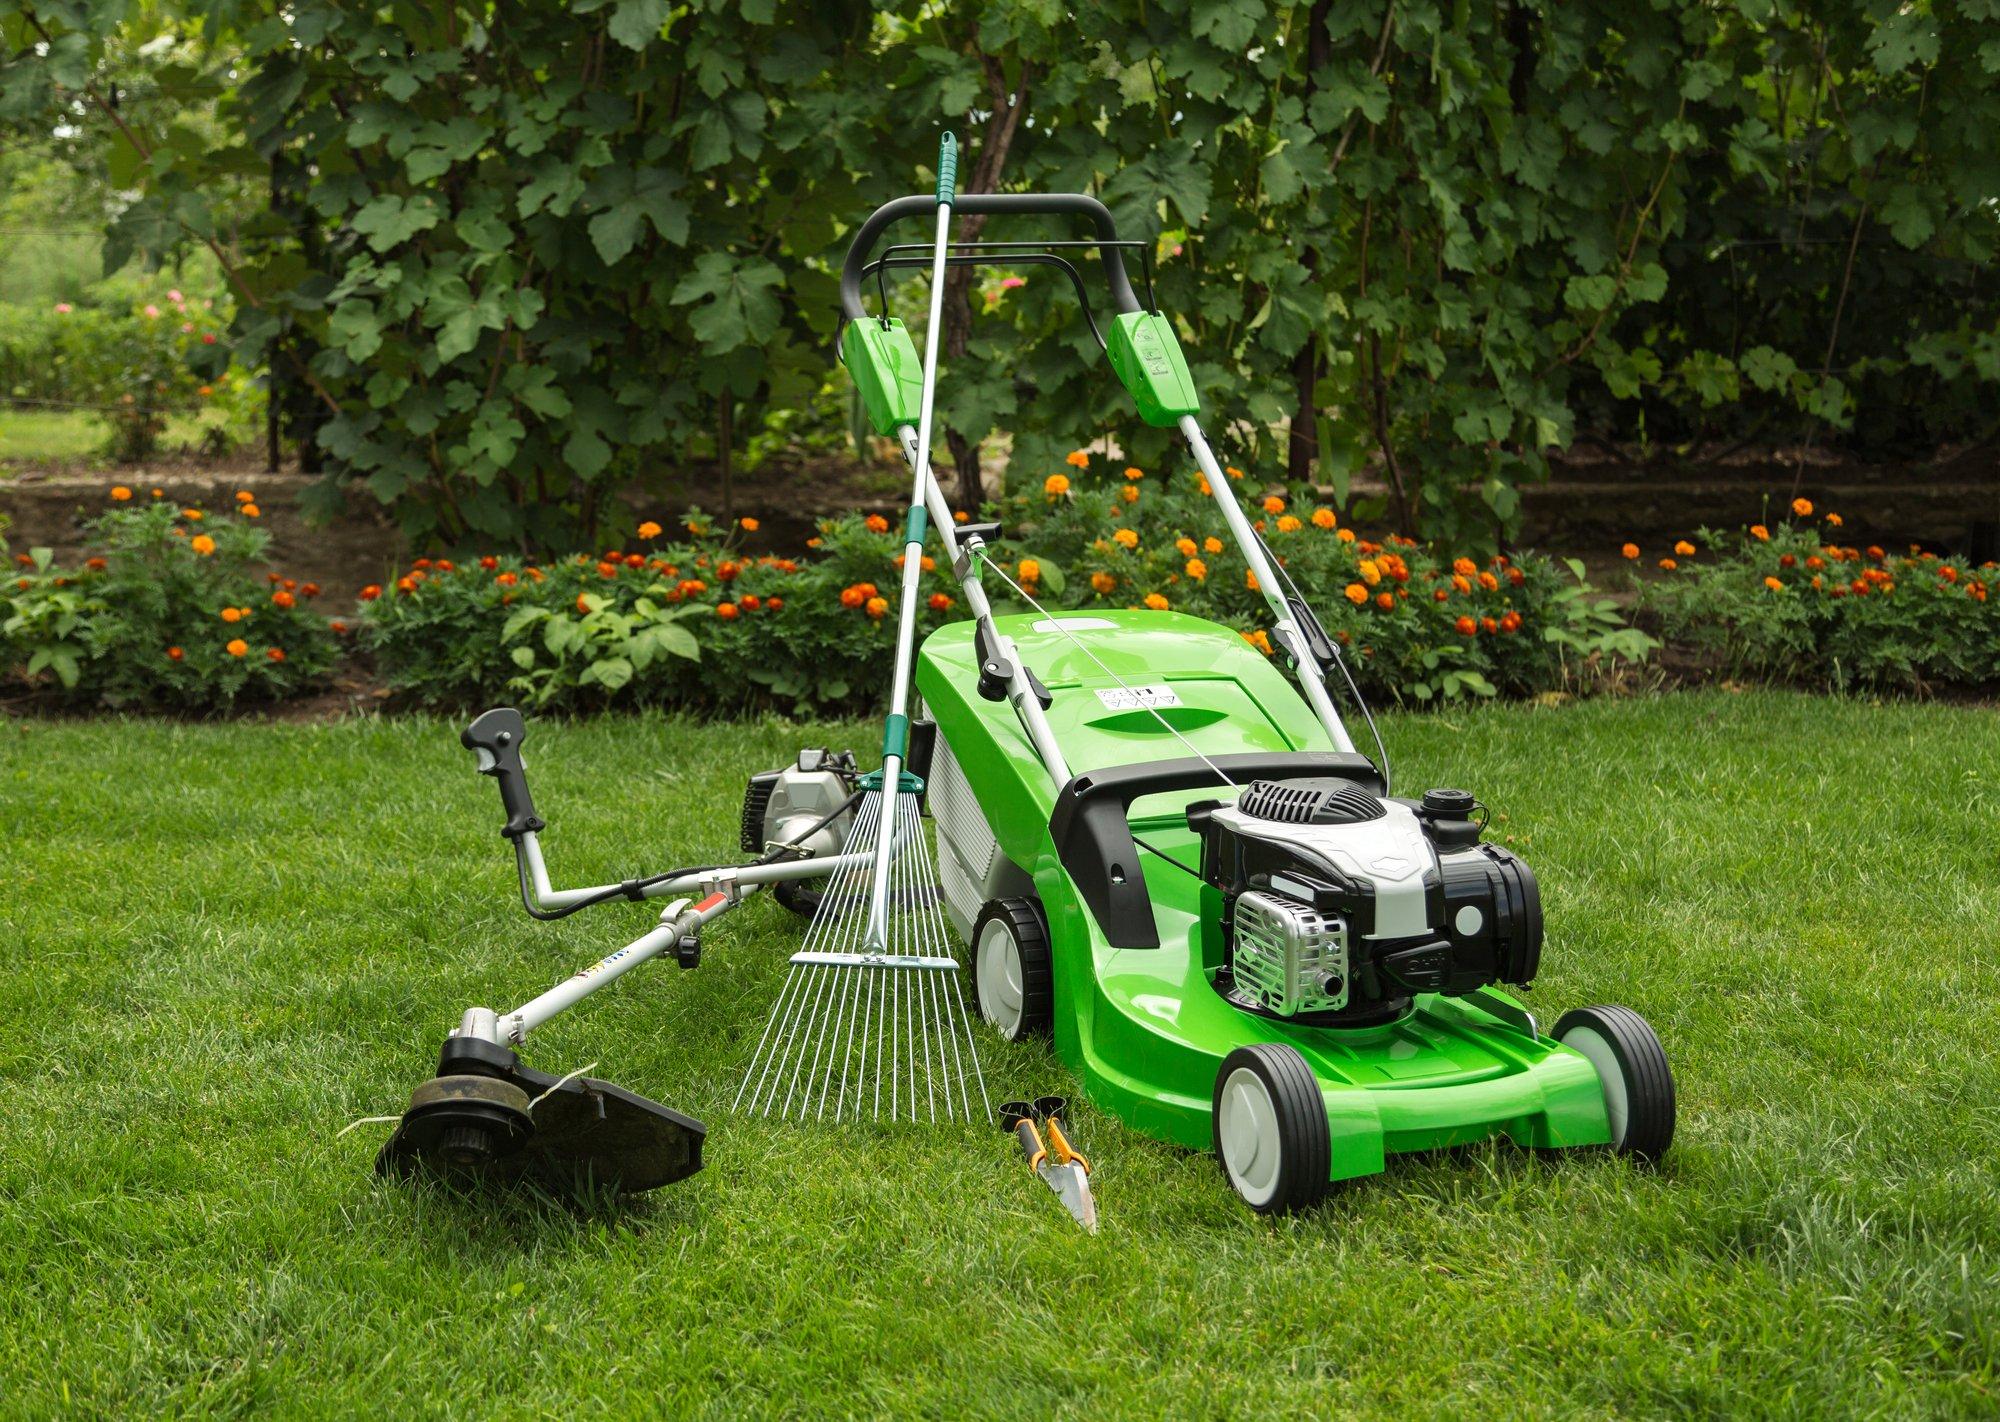 Outdoor shot of garden equipment